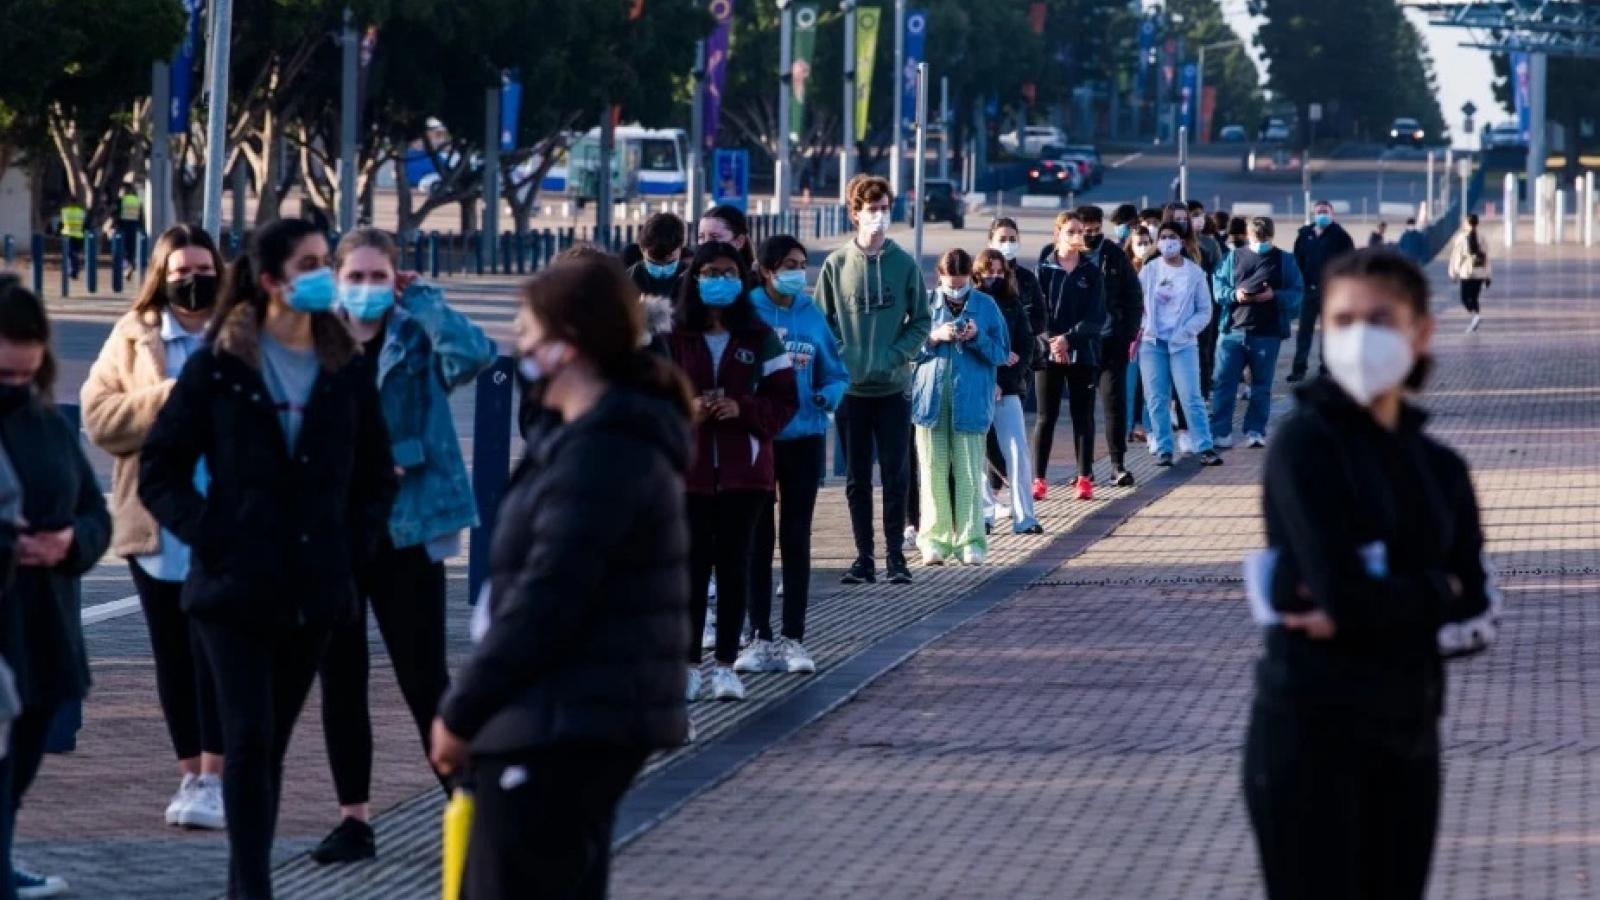 Học sinh New South Wales (Australia) đi học vào tháng 10, Ấn Độ có thể giới nghiêm ban đêm